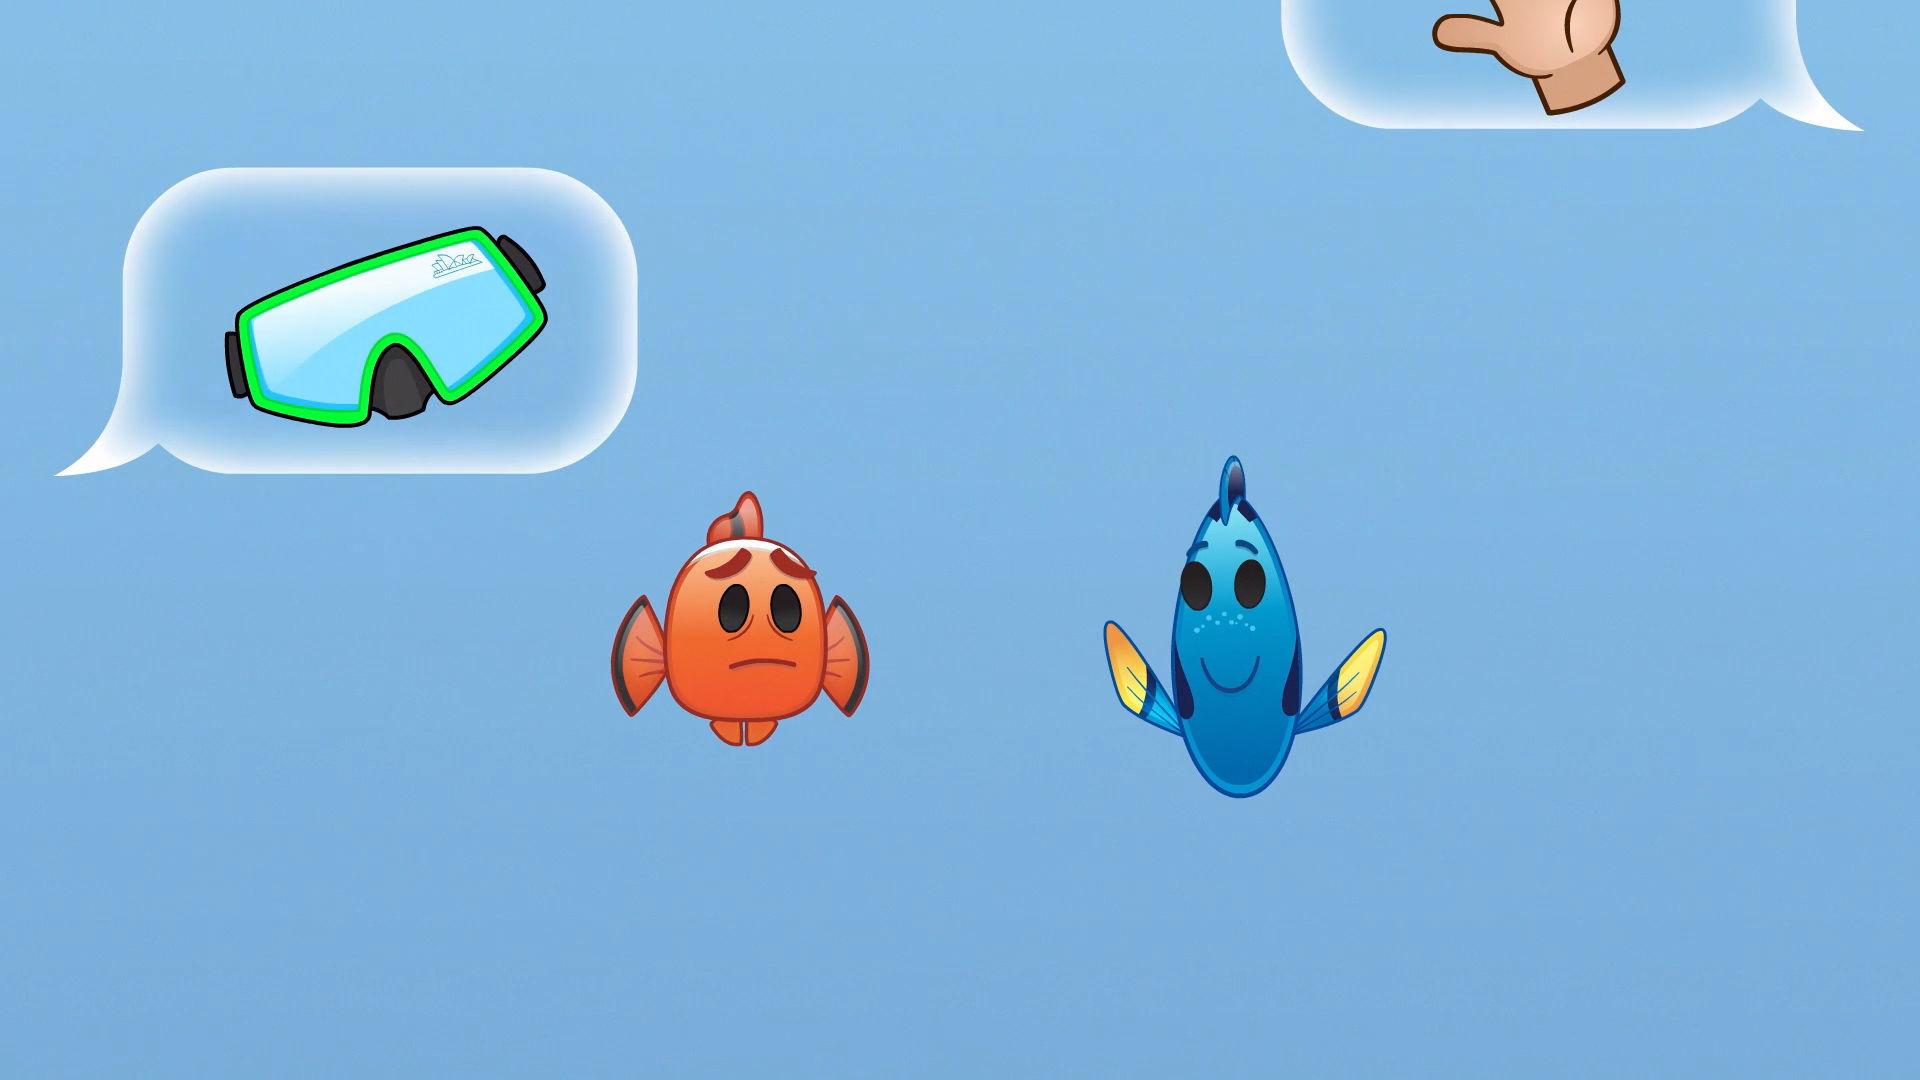 Oppdrag Nemo fortalt av emoji